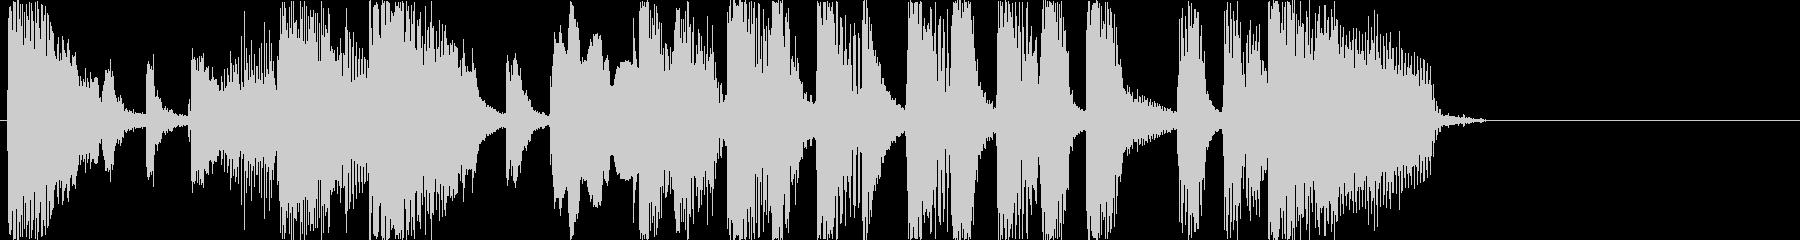 おもしろジングル/エンディング1の未再生の波形